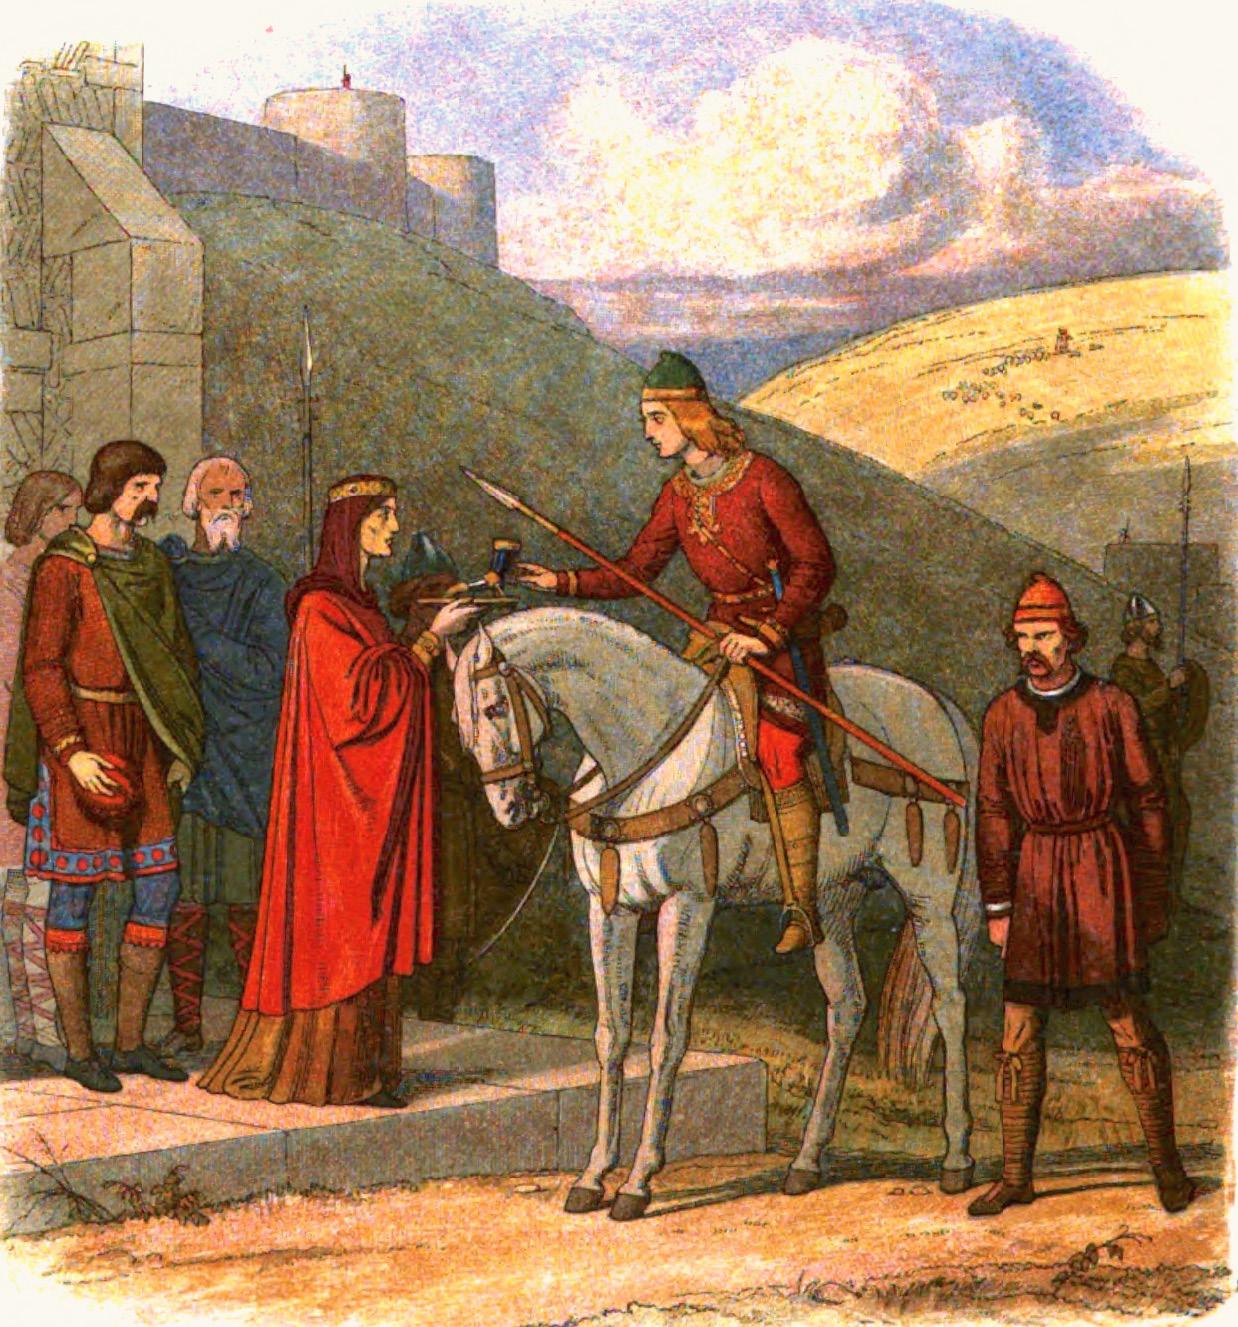 James William Edmund Doyle (1822-92): Edvard Martyren får et beger mjød av Elfrida mens snikmorderen venter